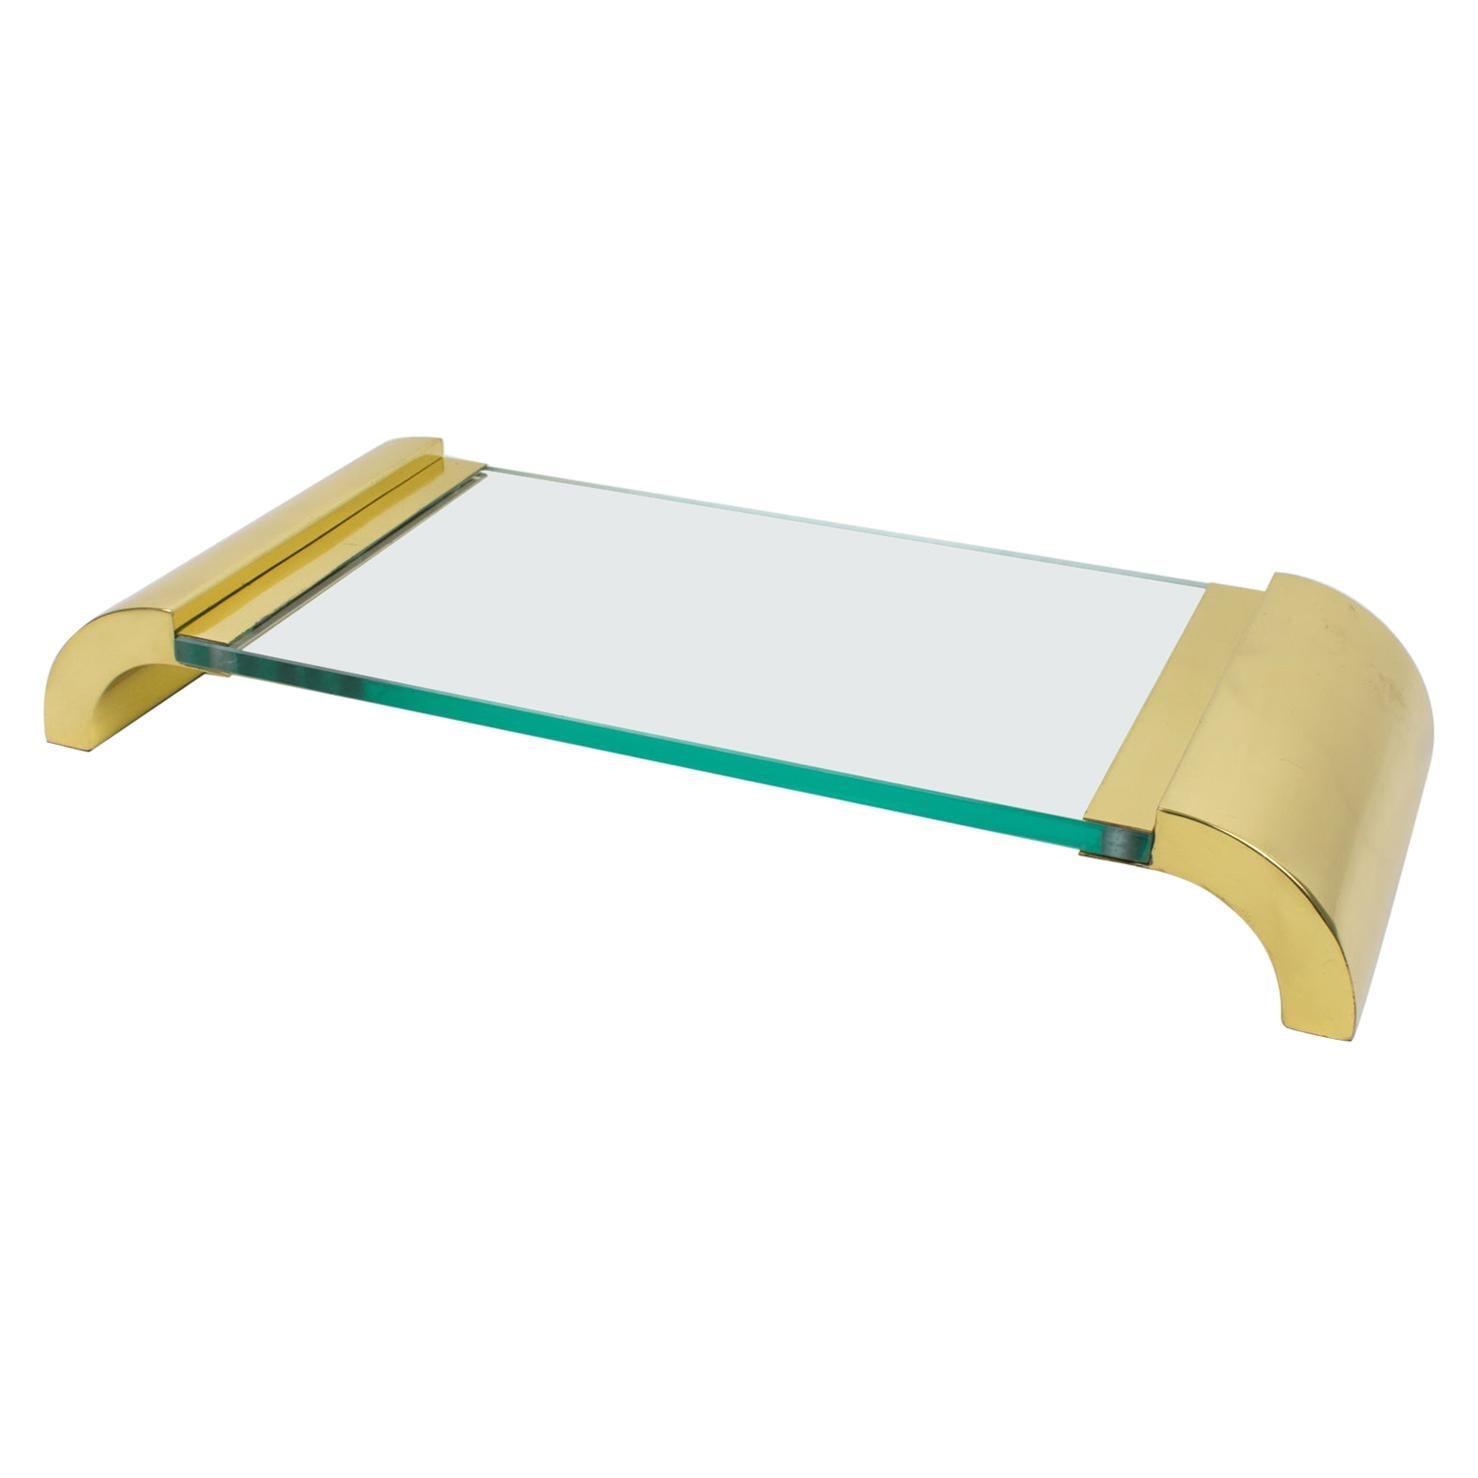 Italian Modernist Brass and Glass Pedestal Centerpiece Tray